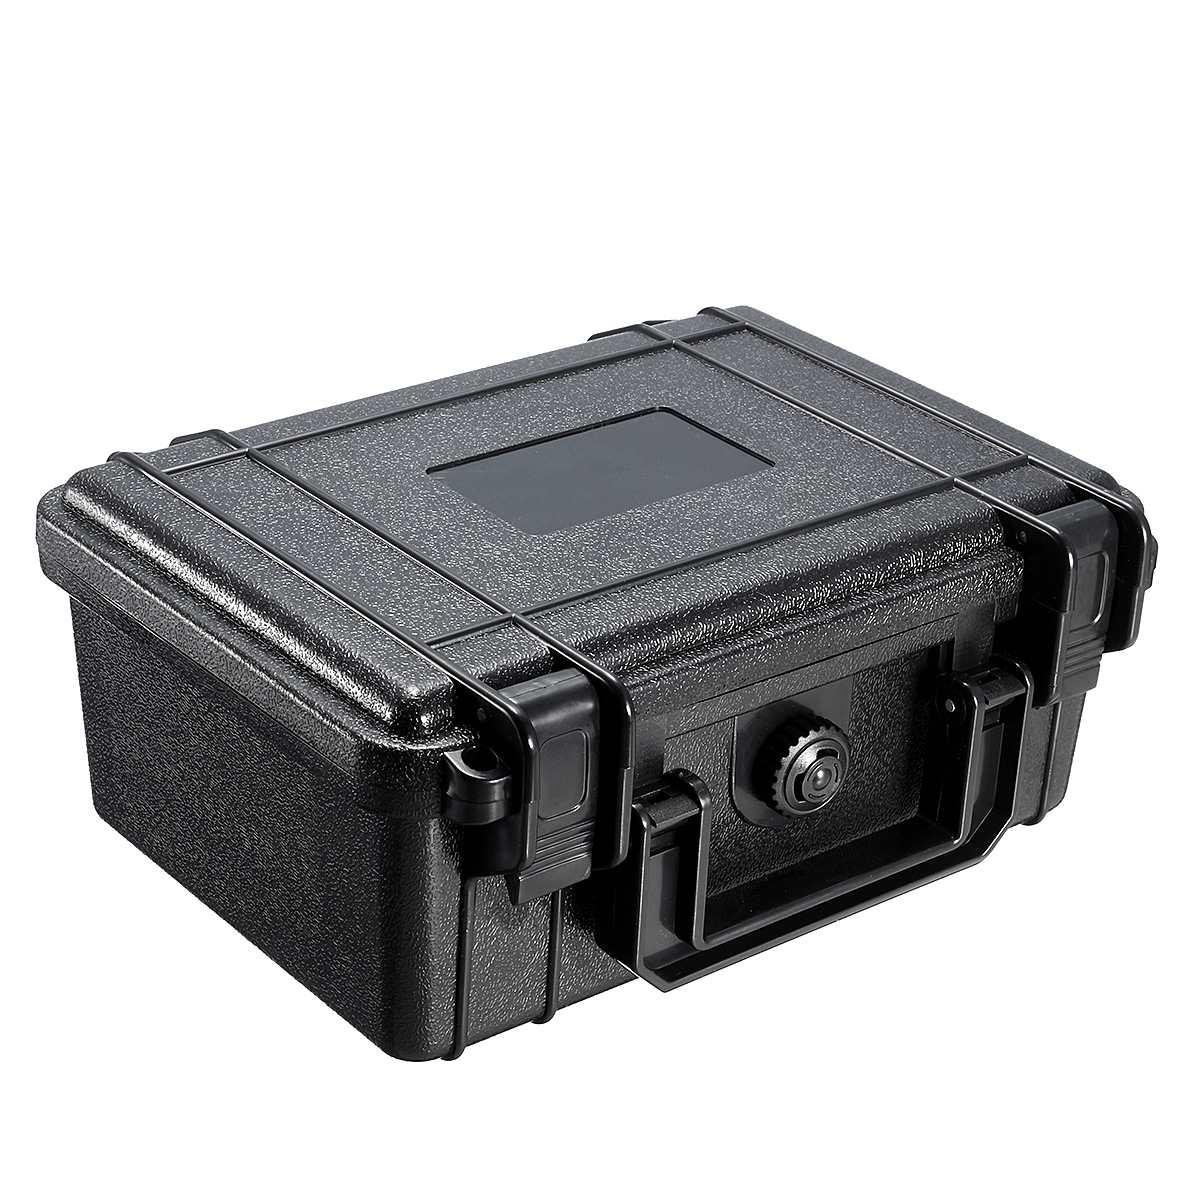 210x165x85mm Wasserdichte Fest Tool Fall Tasche Lagerung Box Mit Schwamm Schwarz Tragen Kamera Objektiv Fotografie toolbox Tragbare Koffer